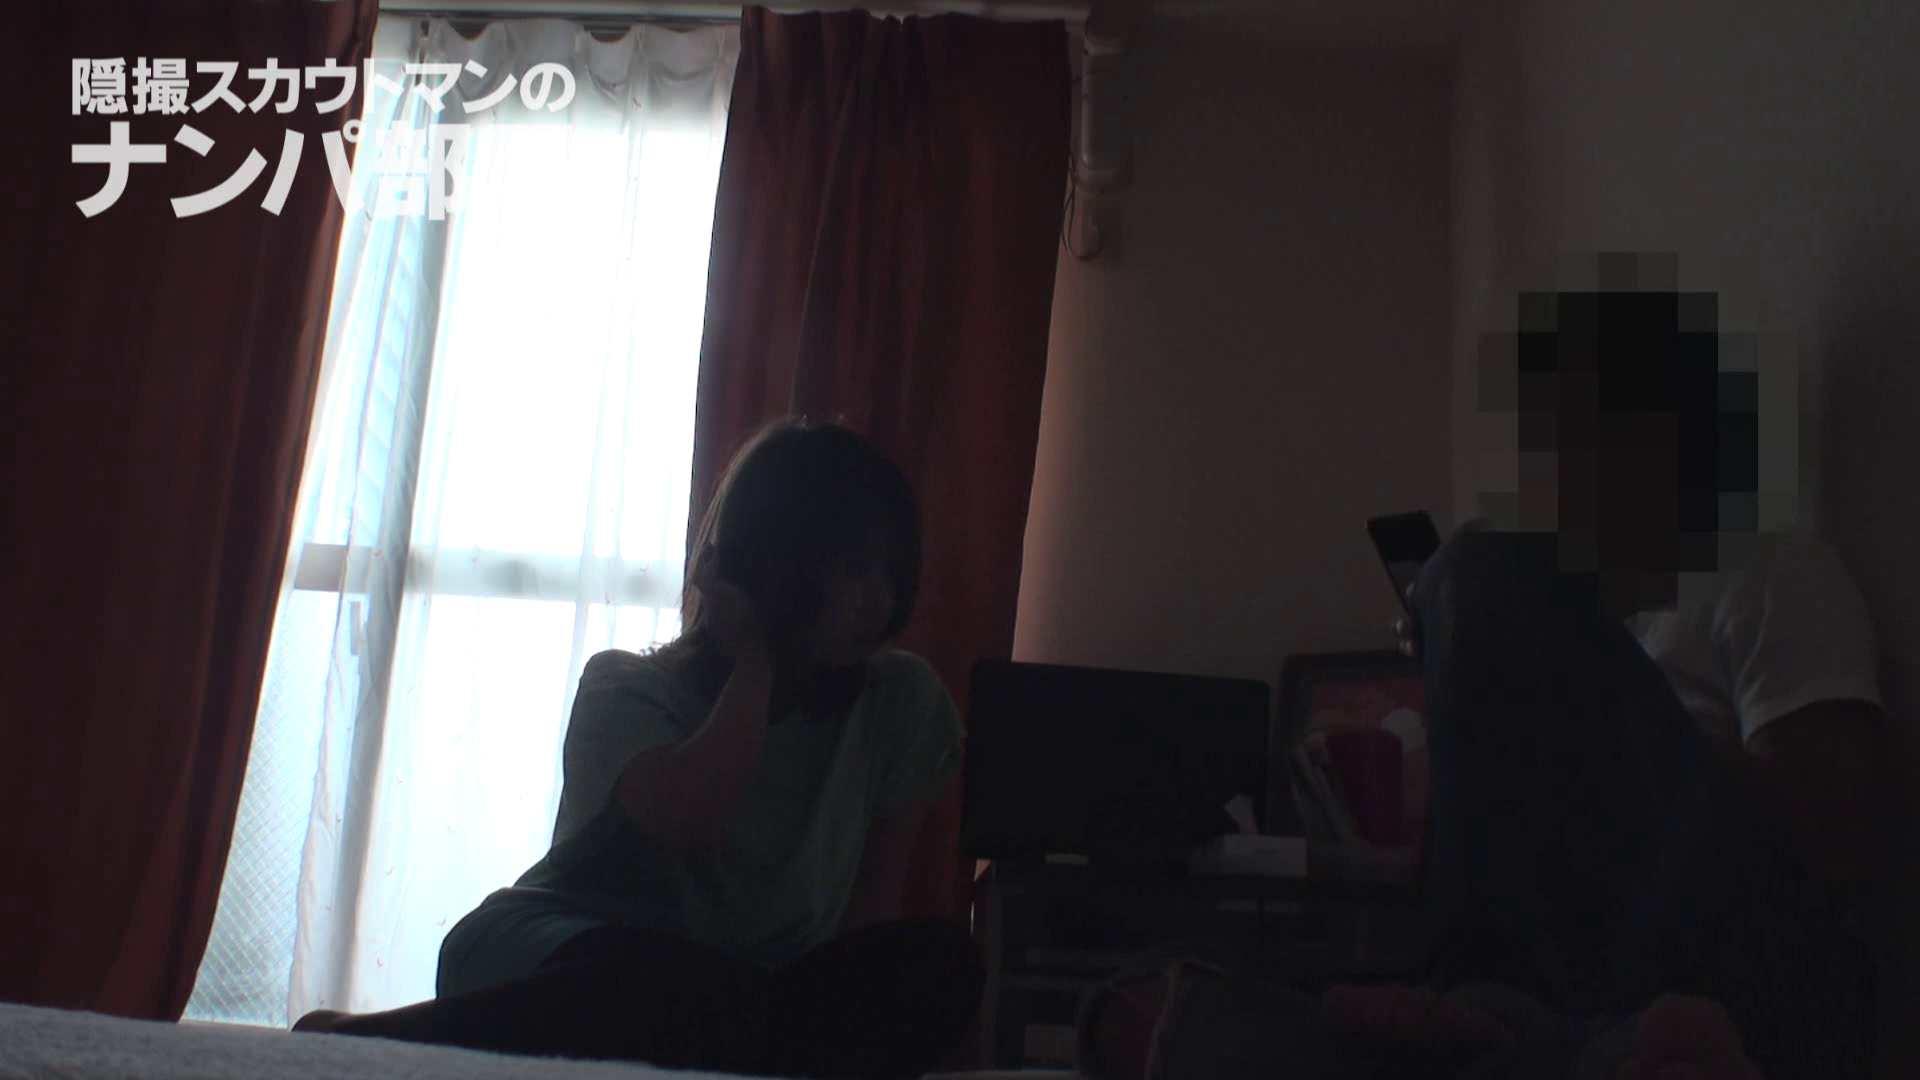 隠撮スカウトマンのナンパ部屋~風俗デビュー前のつまみ食い~ siivol.4 隠撮 | 中出し  91pic 16